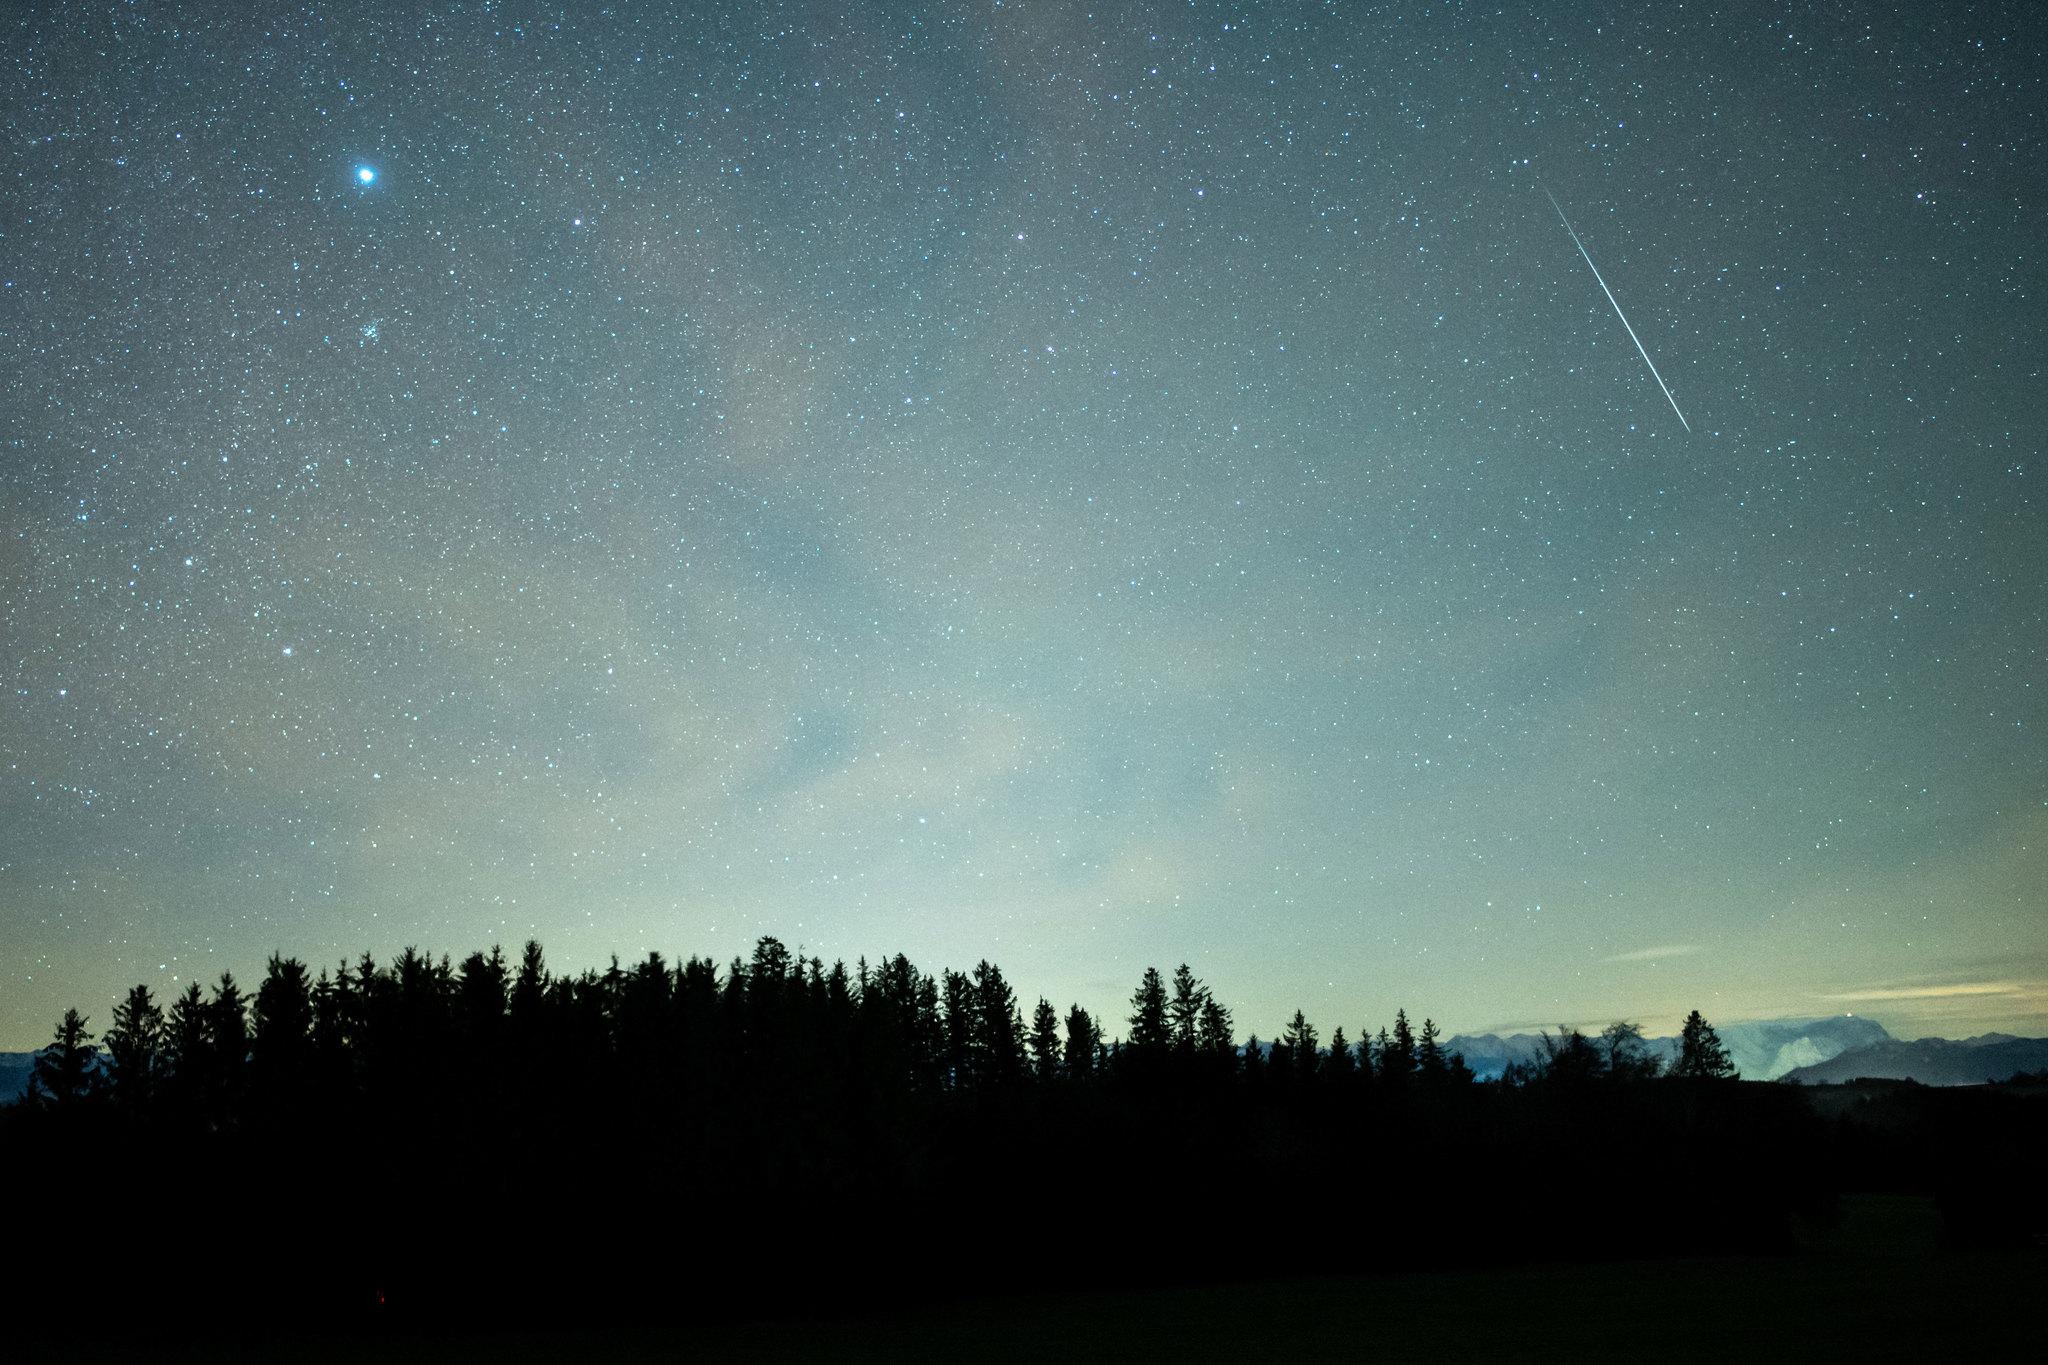 Un consejo de la Nasa: permite que tus ojos se ajusten a la oscuridad (toma unos 30 minutos), de esa manera verás más meteoros. Además, trata de mantenerte alejado del teléfono ya que mirar dispositivos con pantallas brillantes afectará negativamente tu visión nocturna y, en consecuencia, ¡reducirá el número de meteoros que ves!